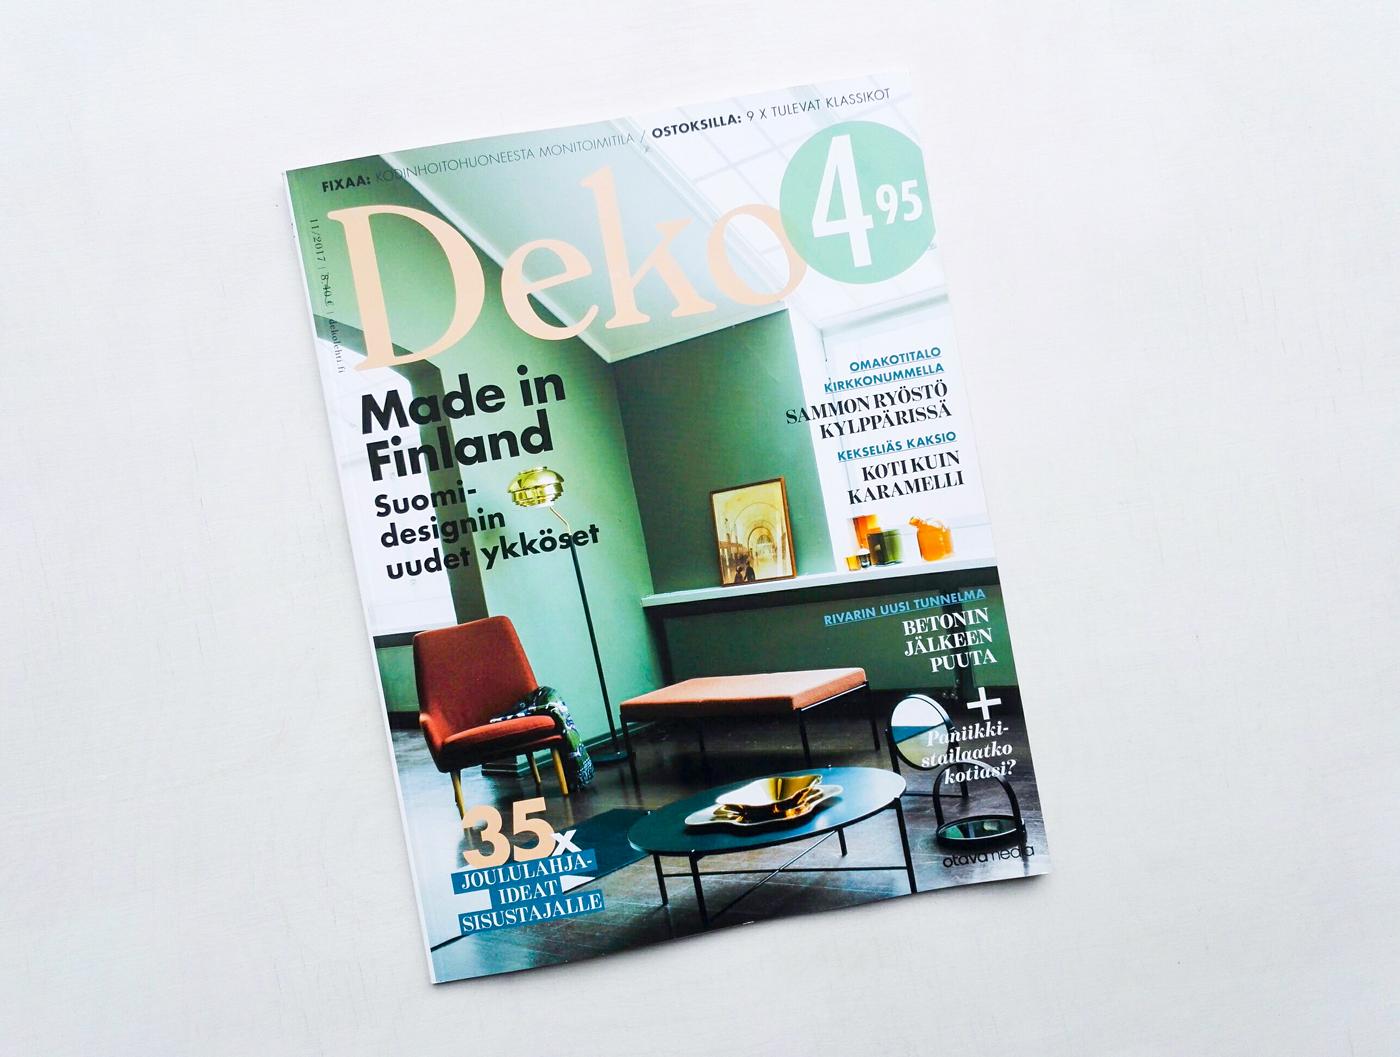 Leena Kisonen - Featured in Deko magazine